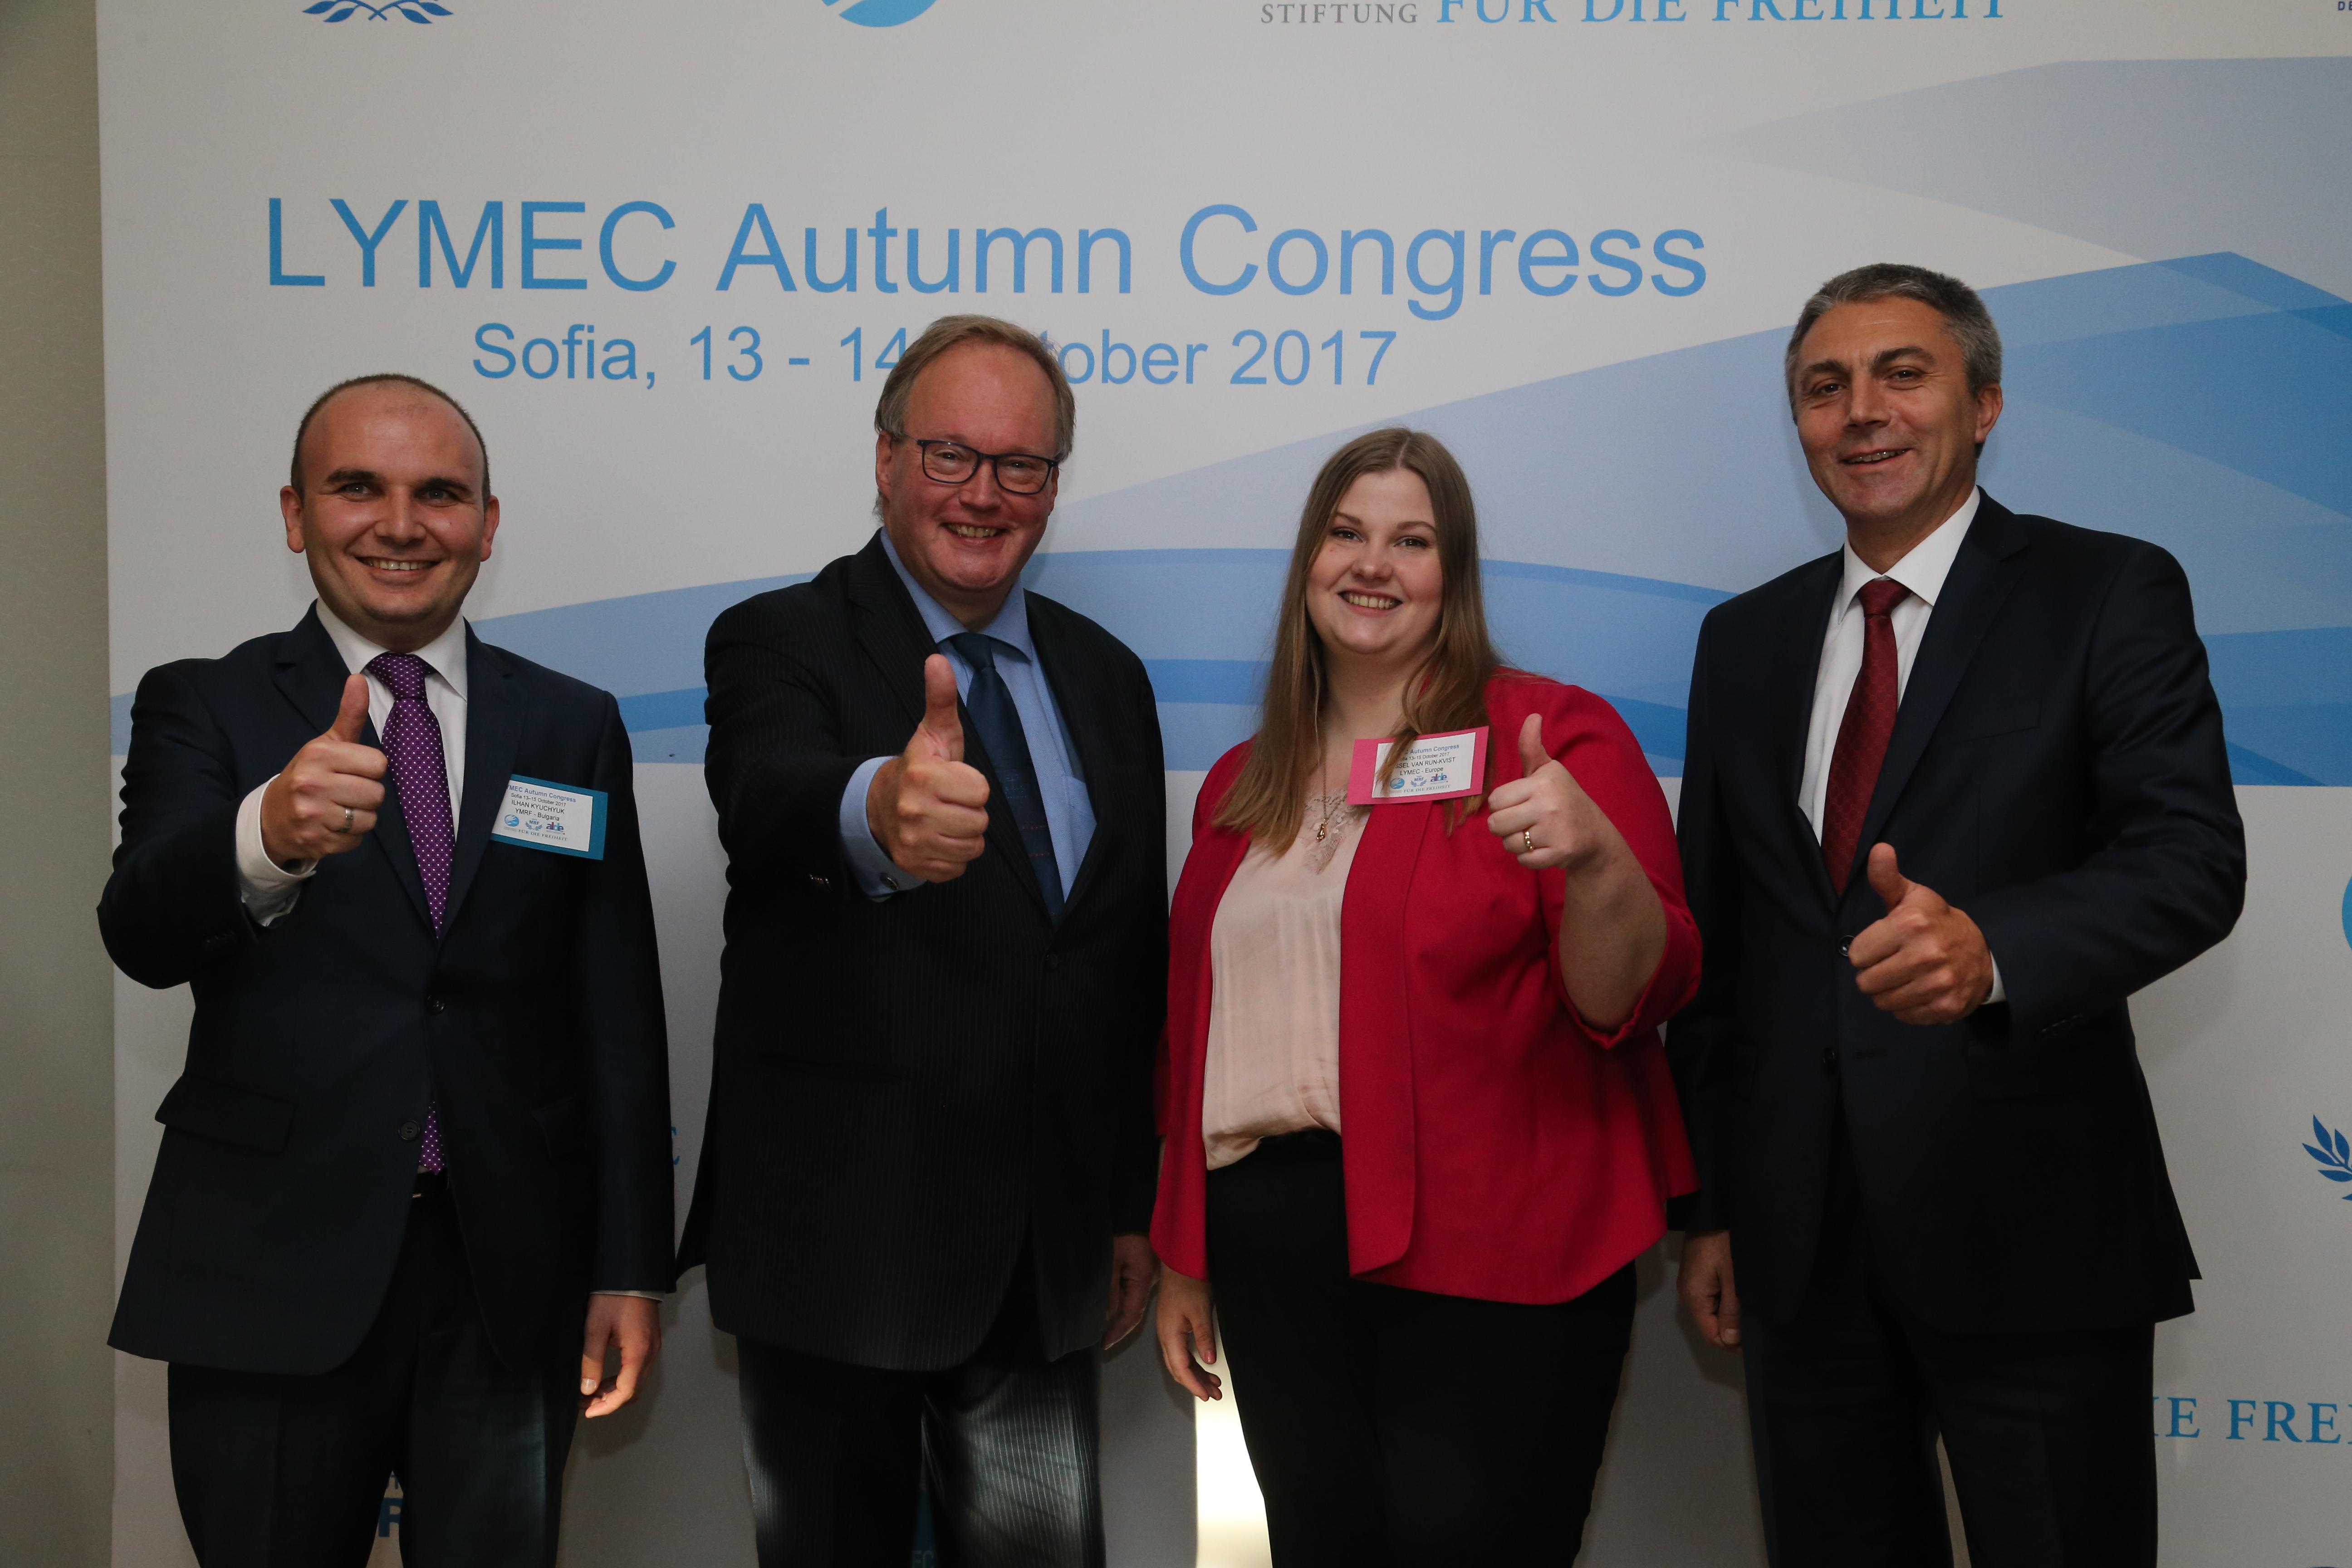 Президентът на АЛДЕ Ханс ван Баален: ДПС дава на България етнически мир